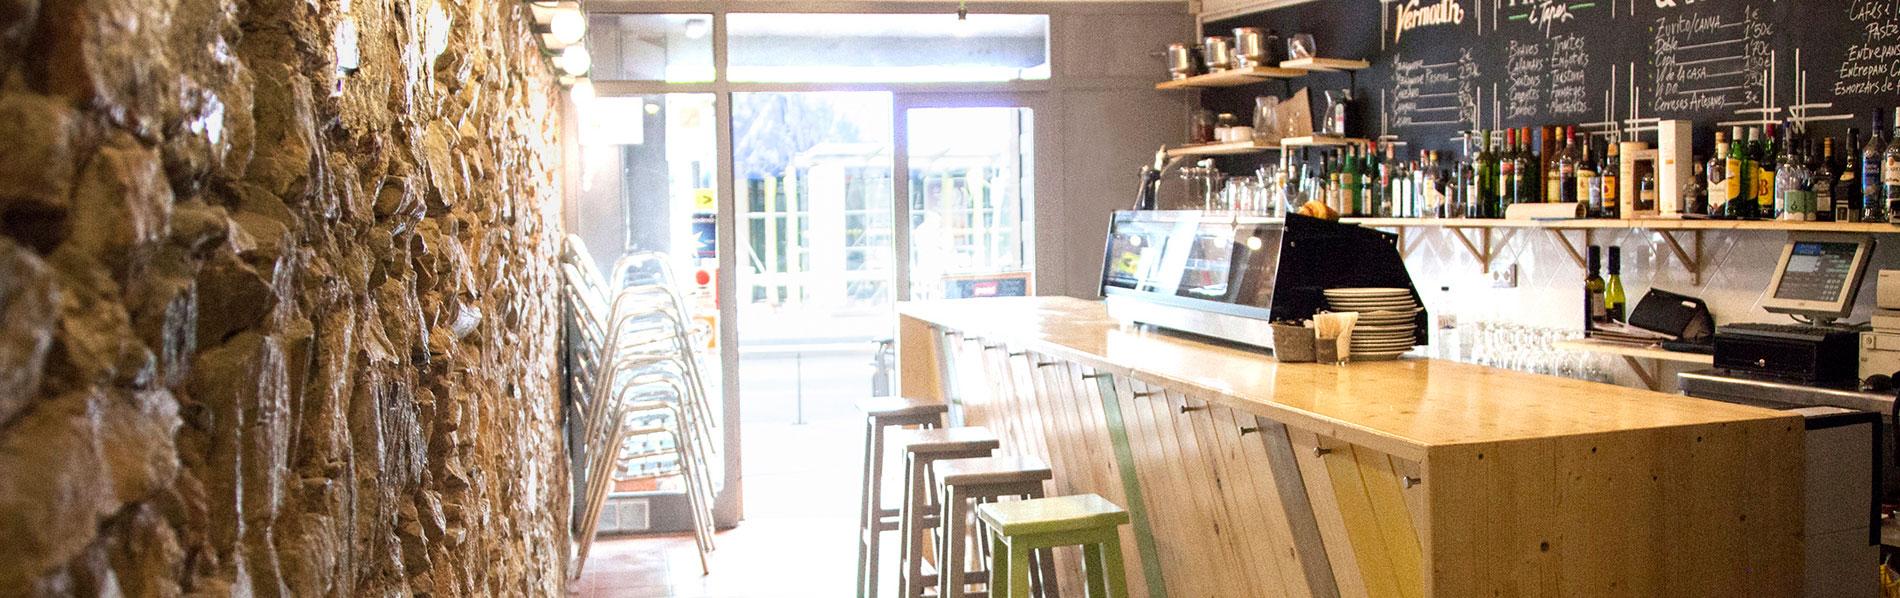 Camara Bonastre Restaurant 08980